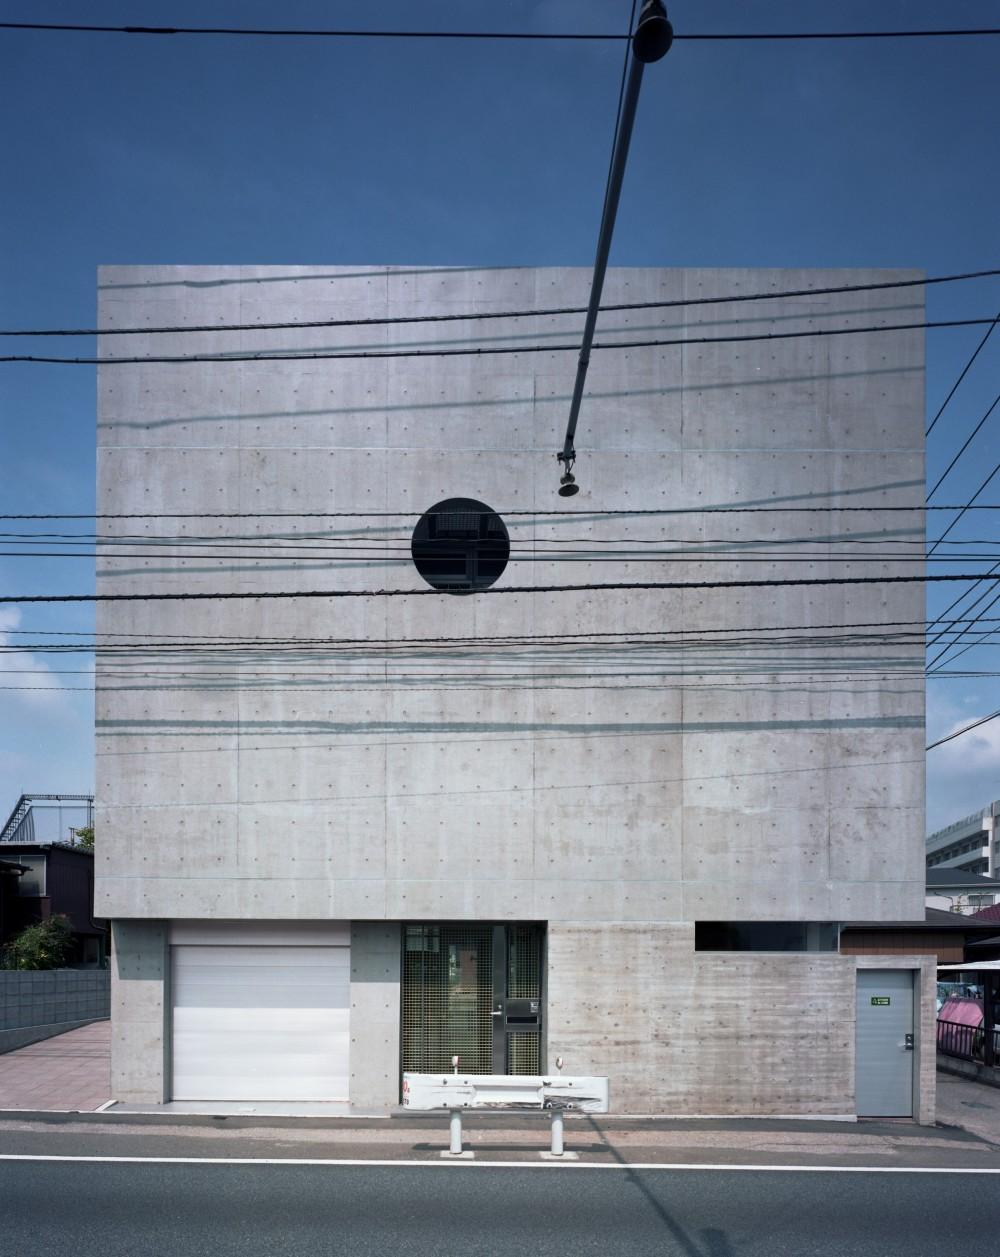 【大通りに建つ家】  騒音振動からすこやかな生活を守る砦 (外観)